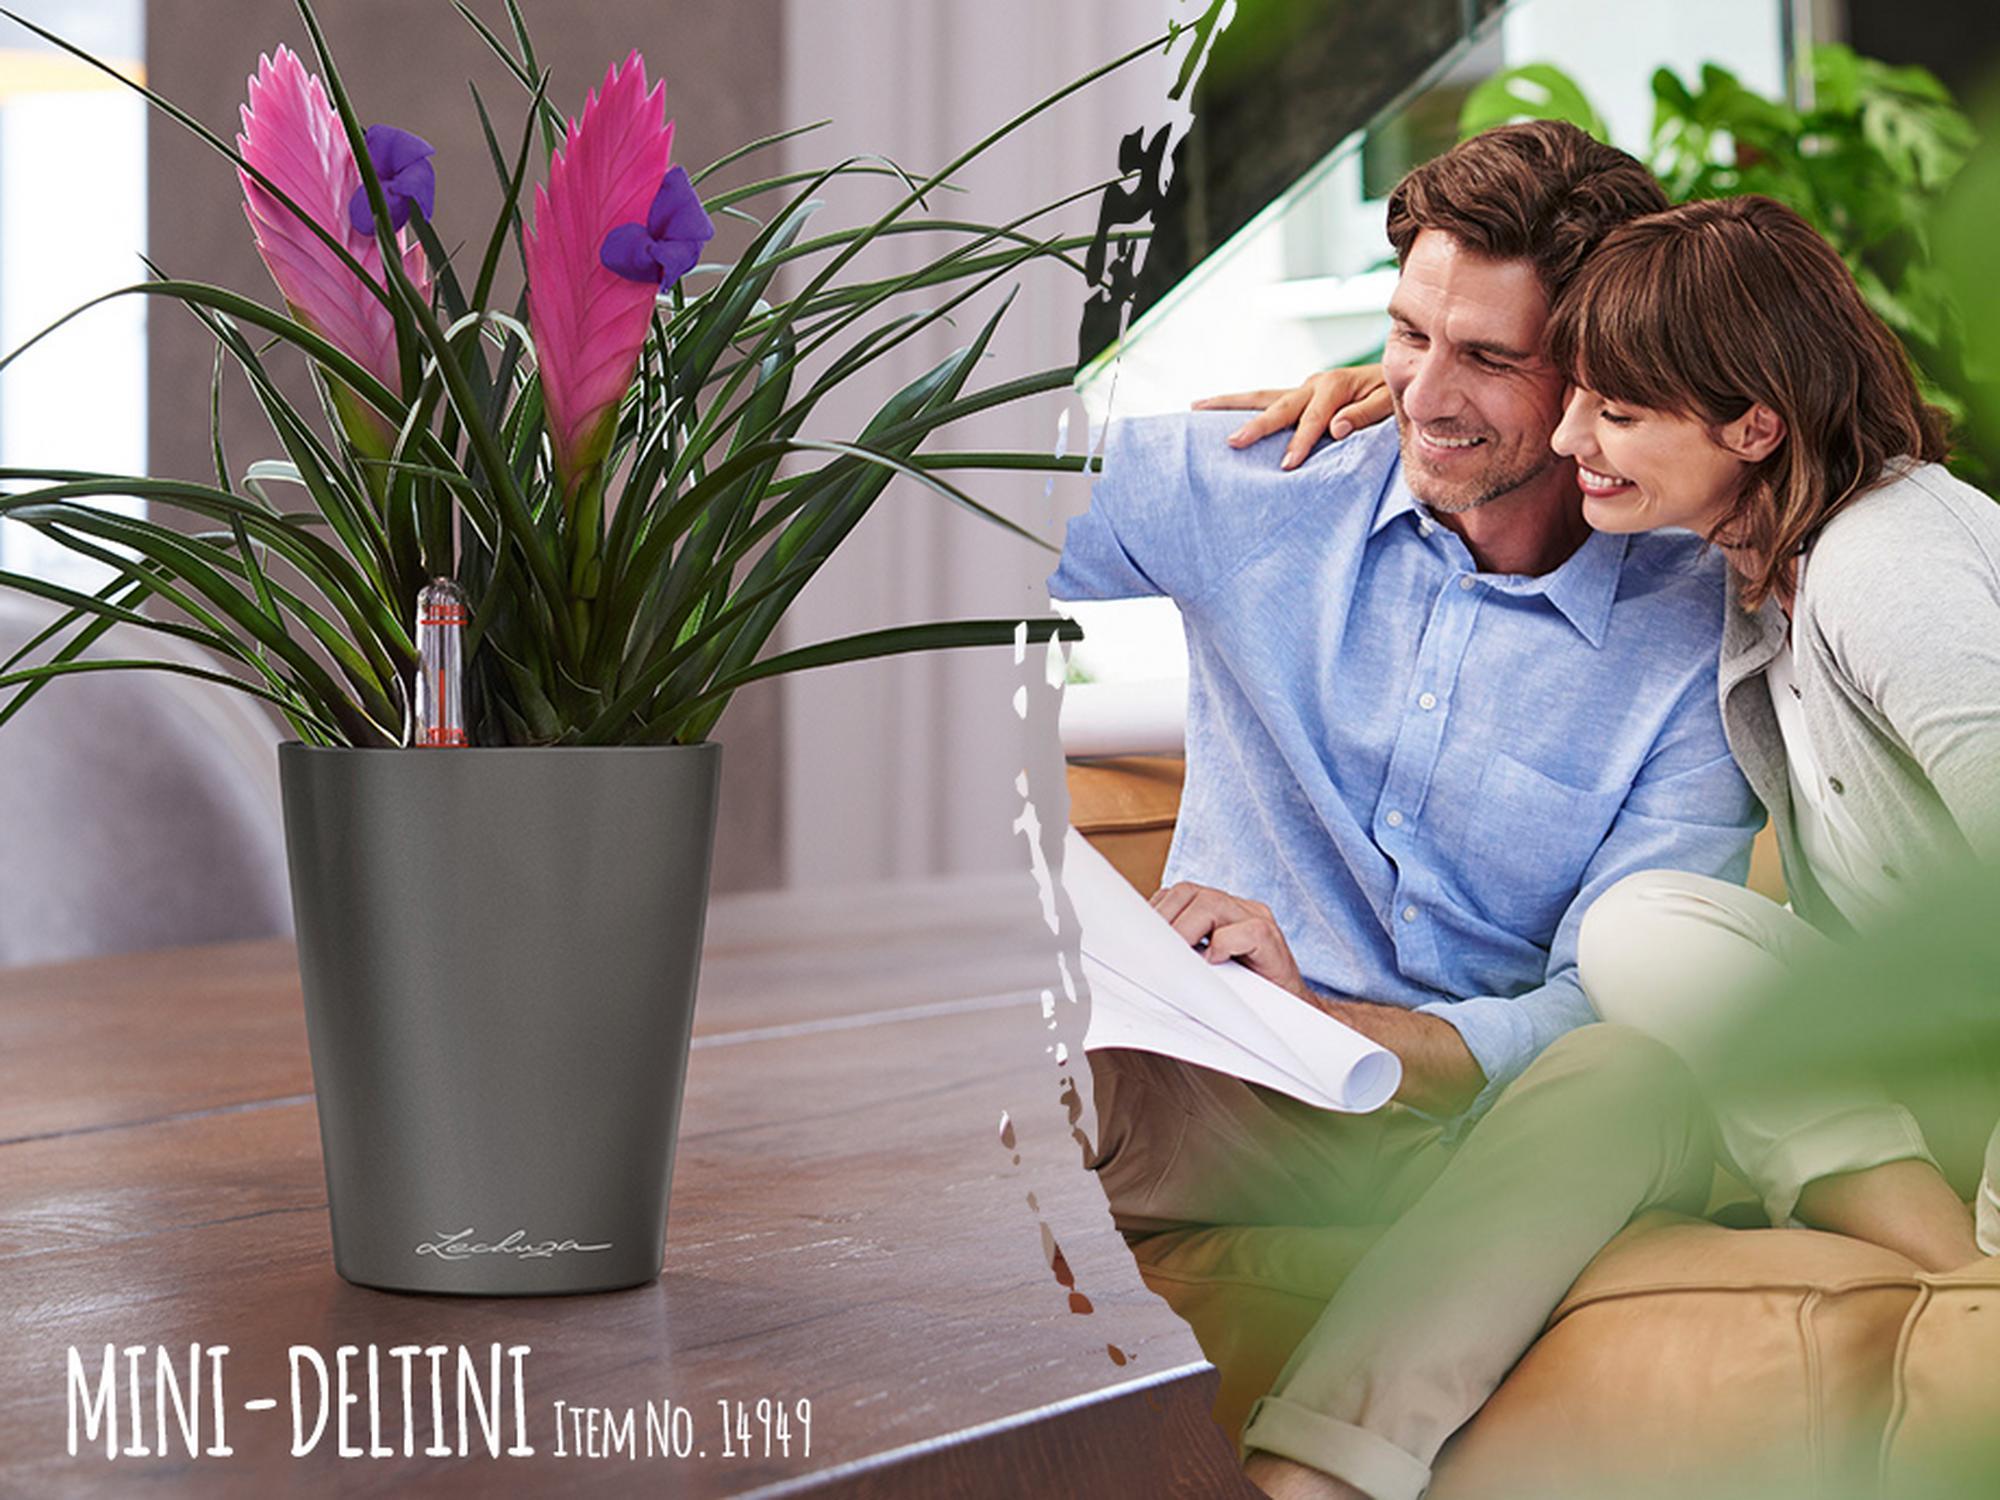 Get a MINI-DELTINI self watering planter for free